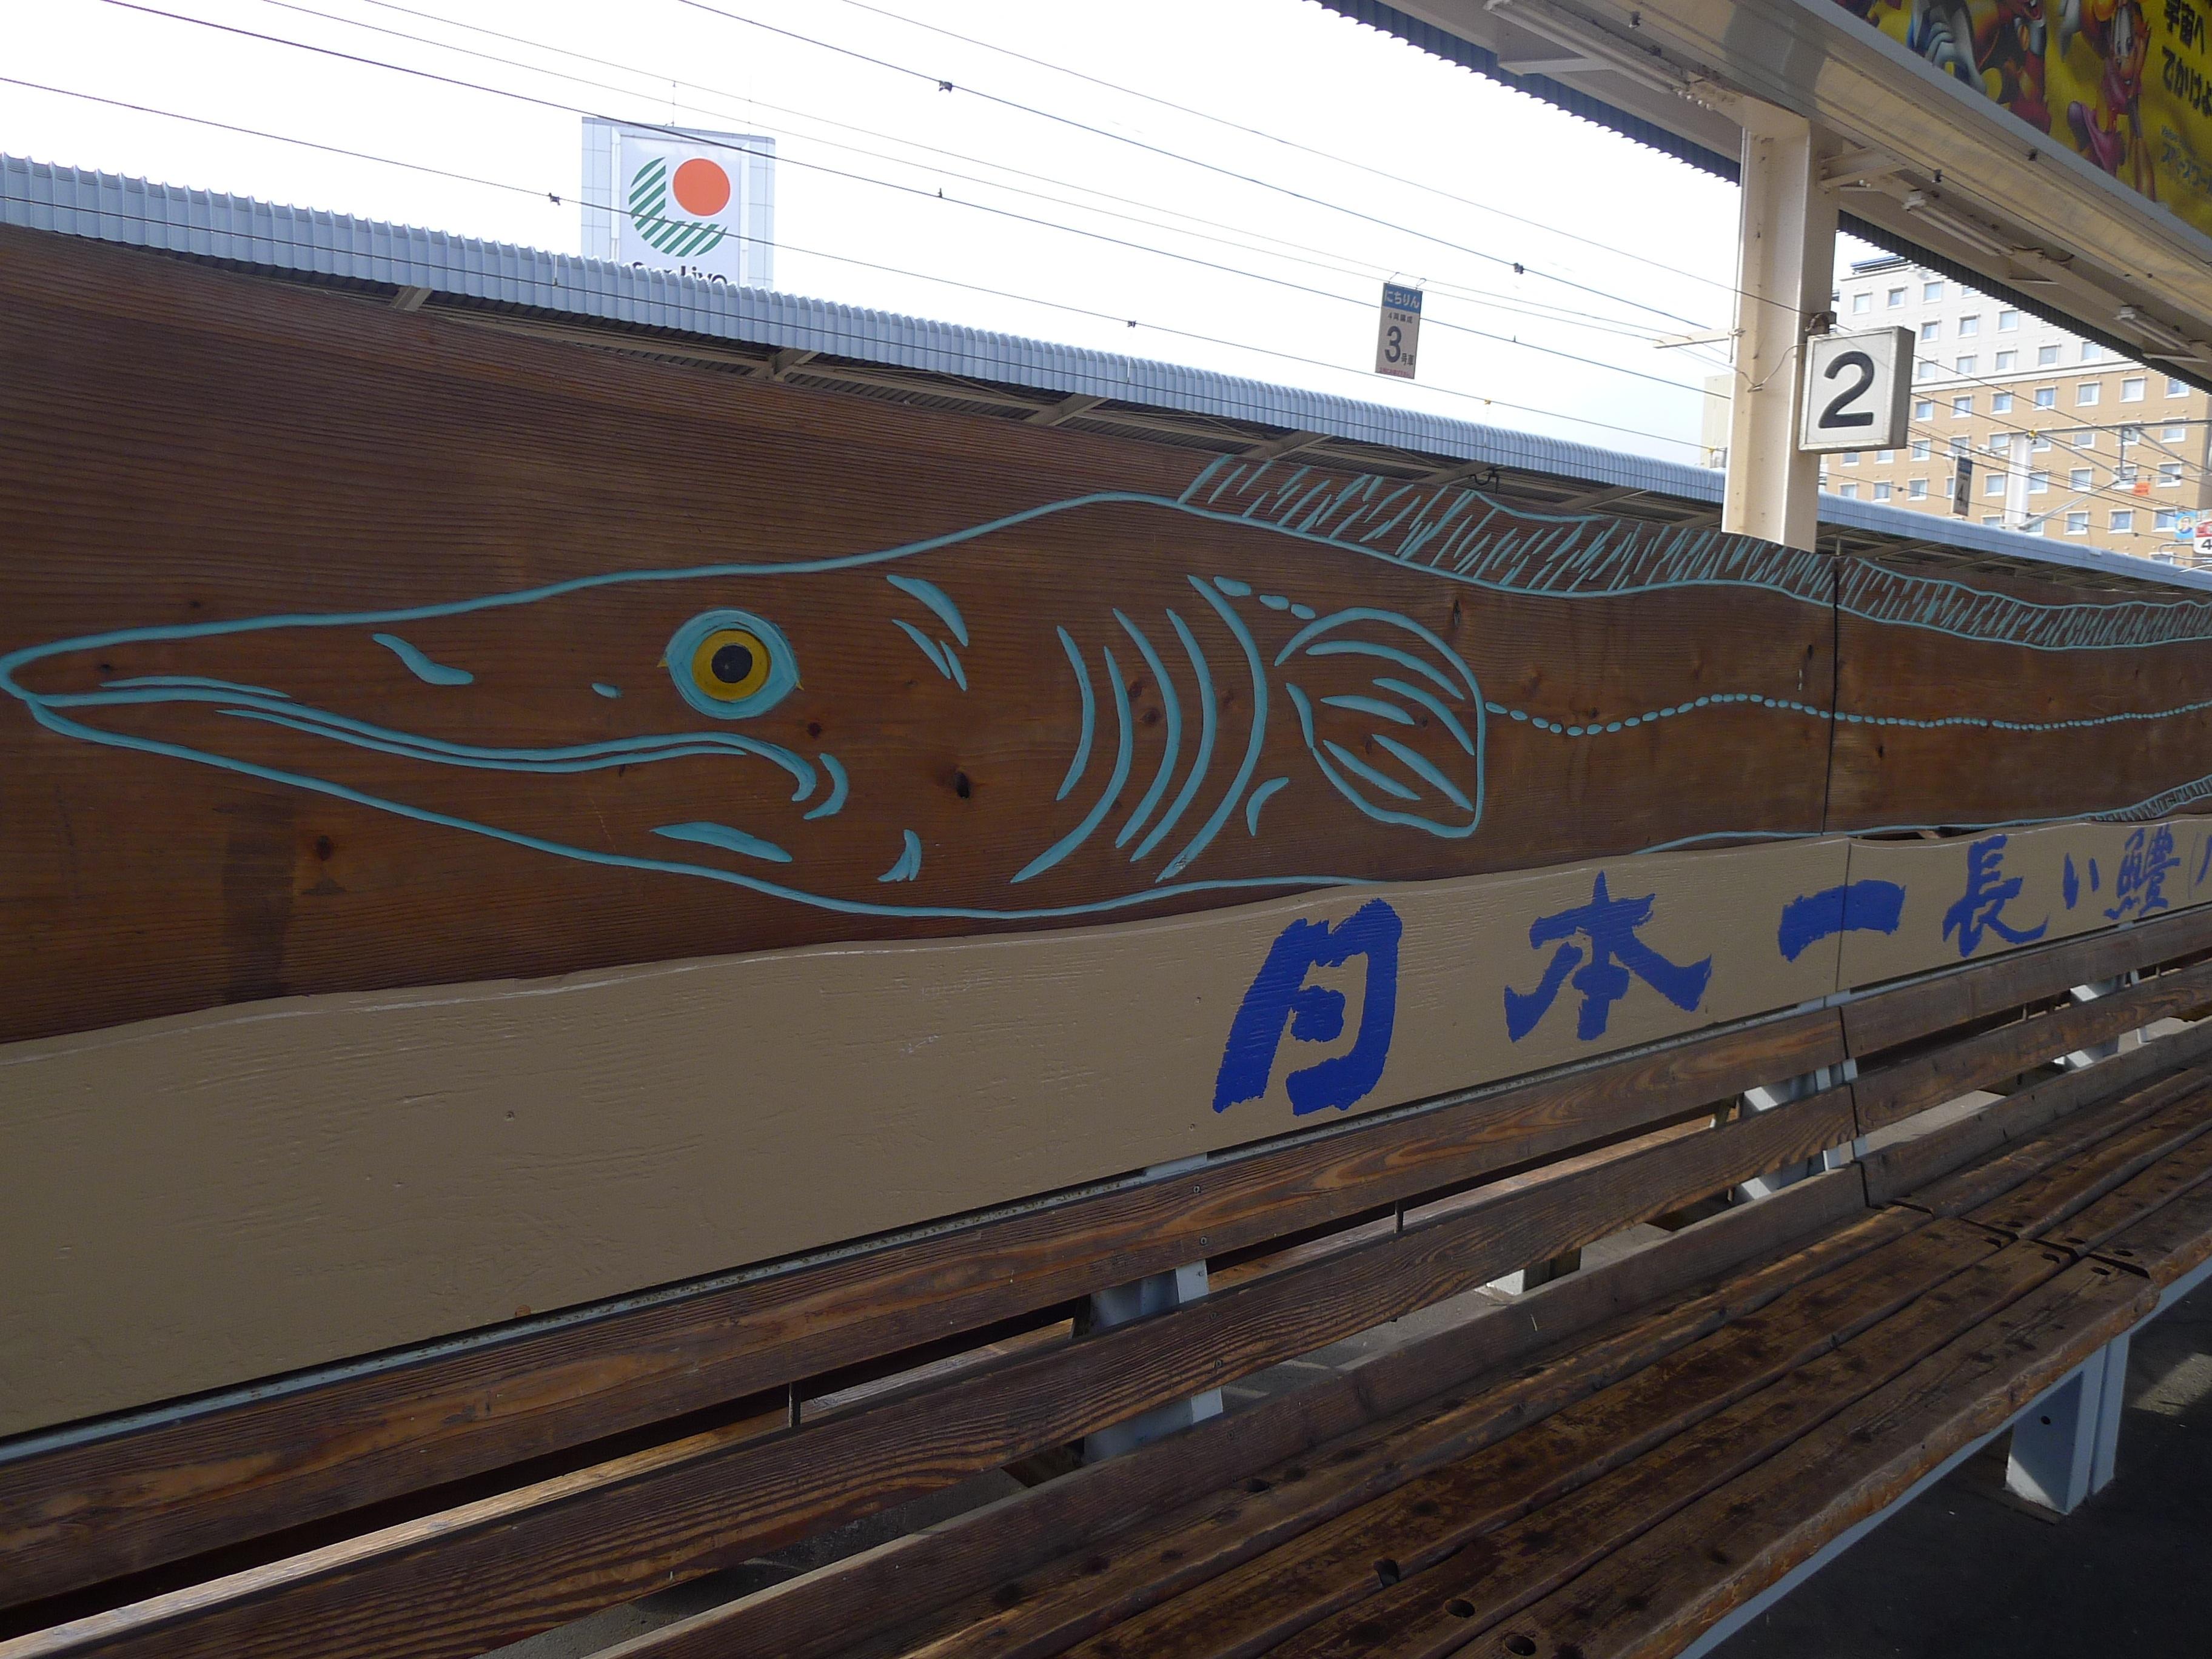 Graffiti art on wood - Wood Track Train Transport Vehicle Fish Graffiti Art Billboard Oita Prefecture Rolling Stock Railroad Car